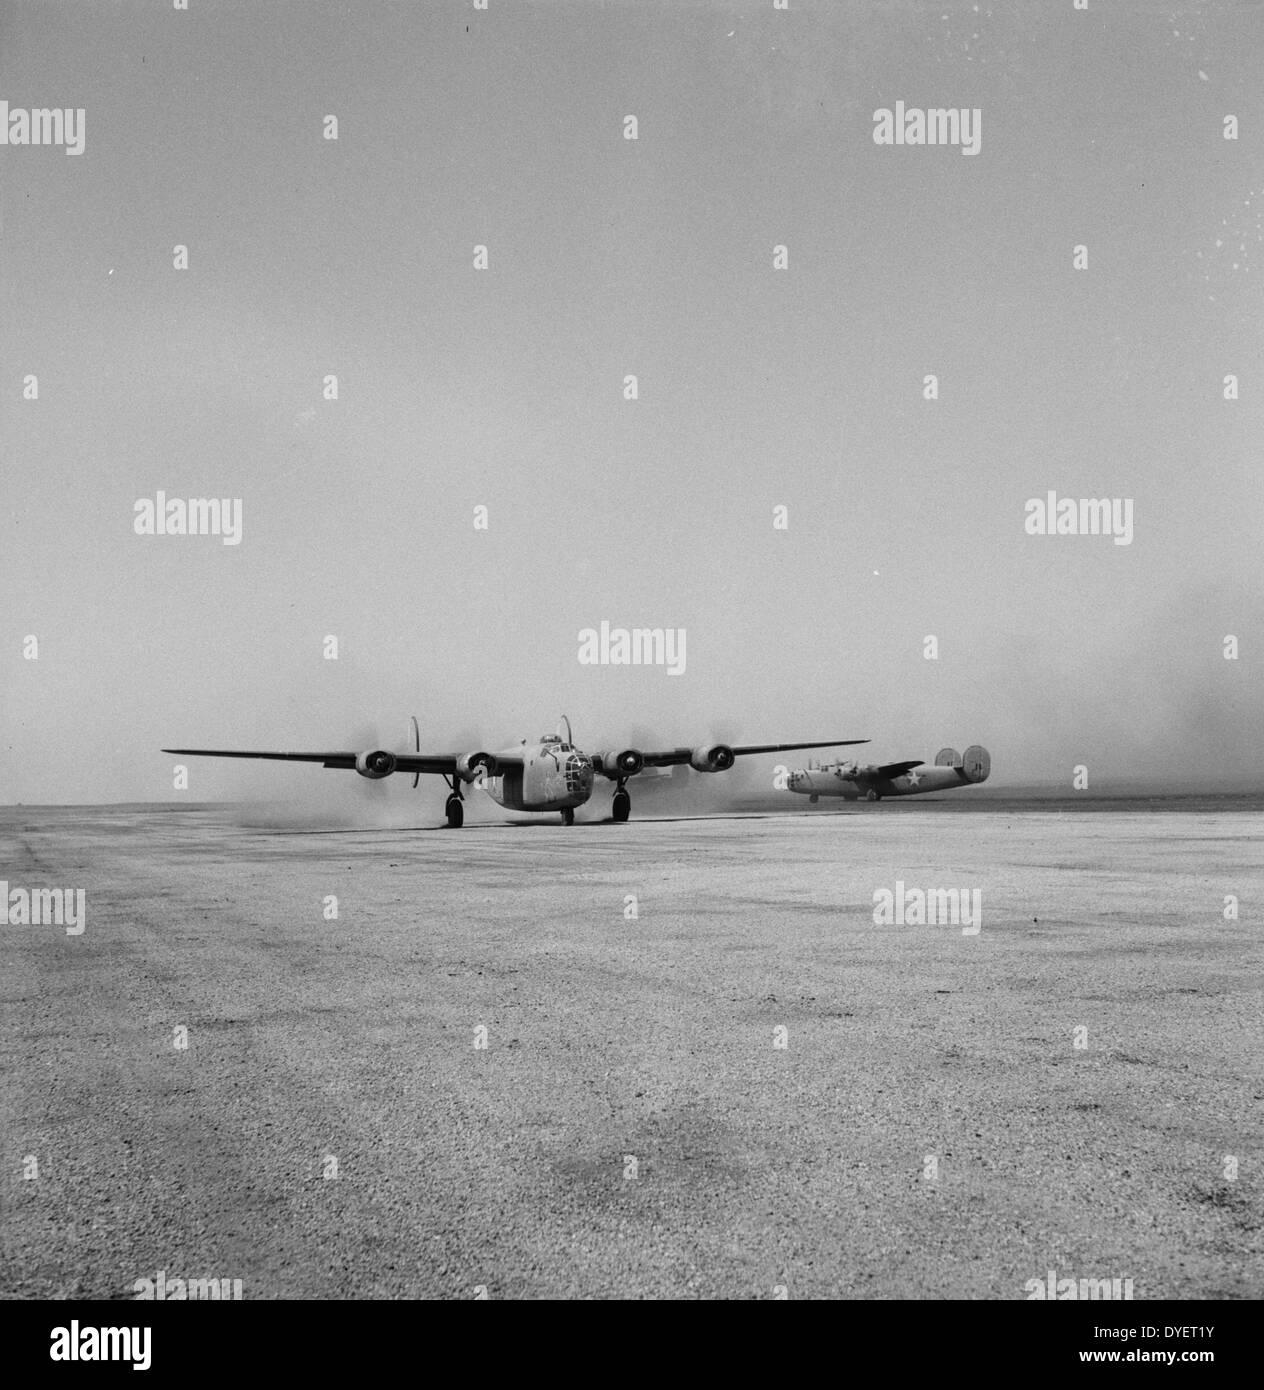 Libya Army Stockfotos & Libya Army Bilder - Alamy